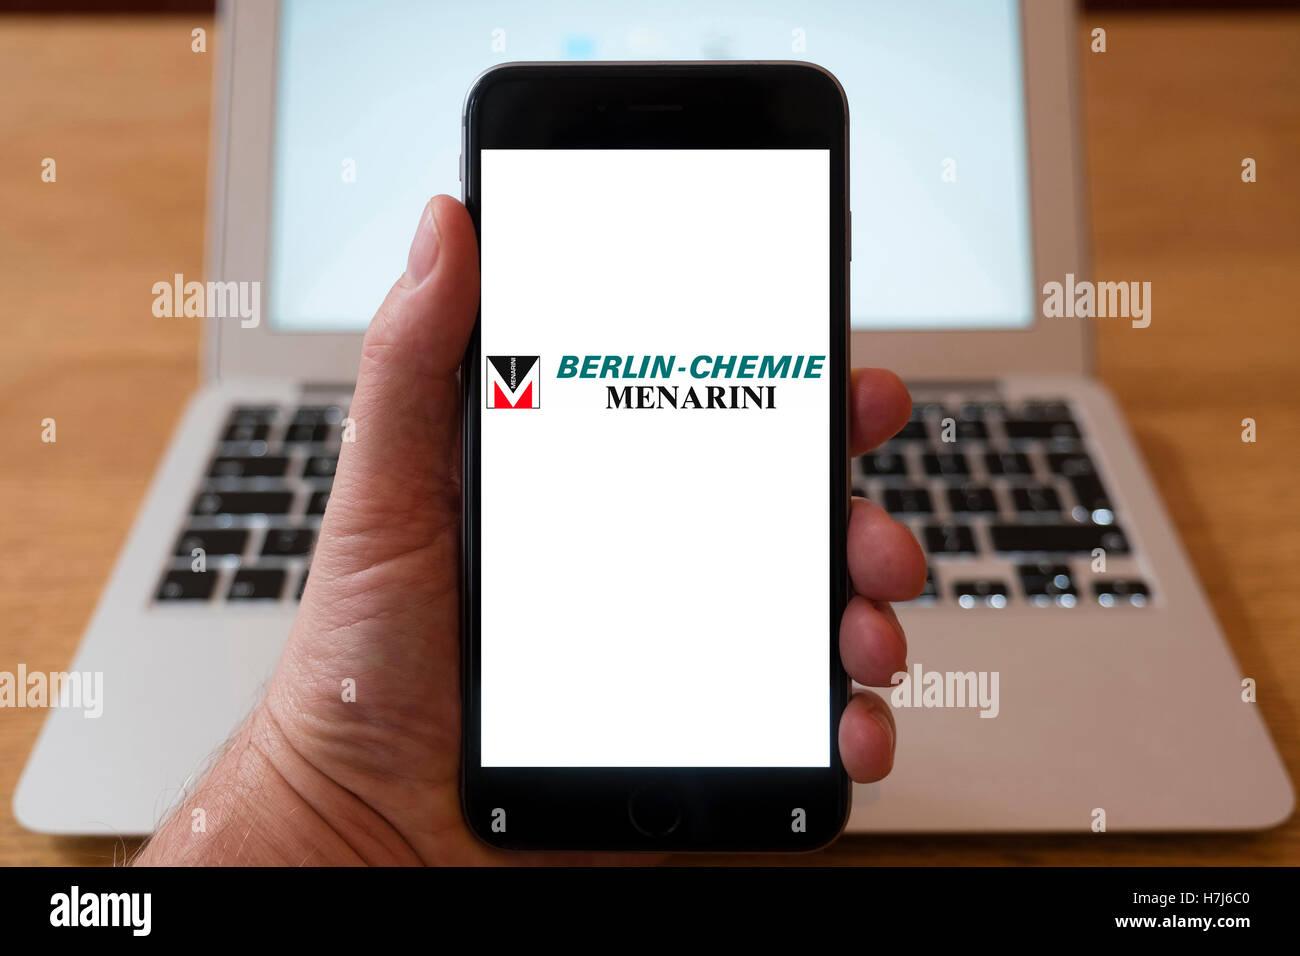 Chemie com mobile